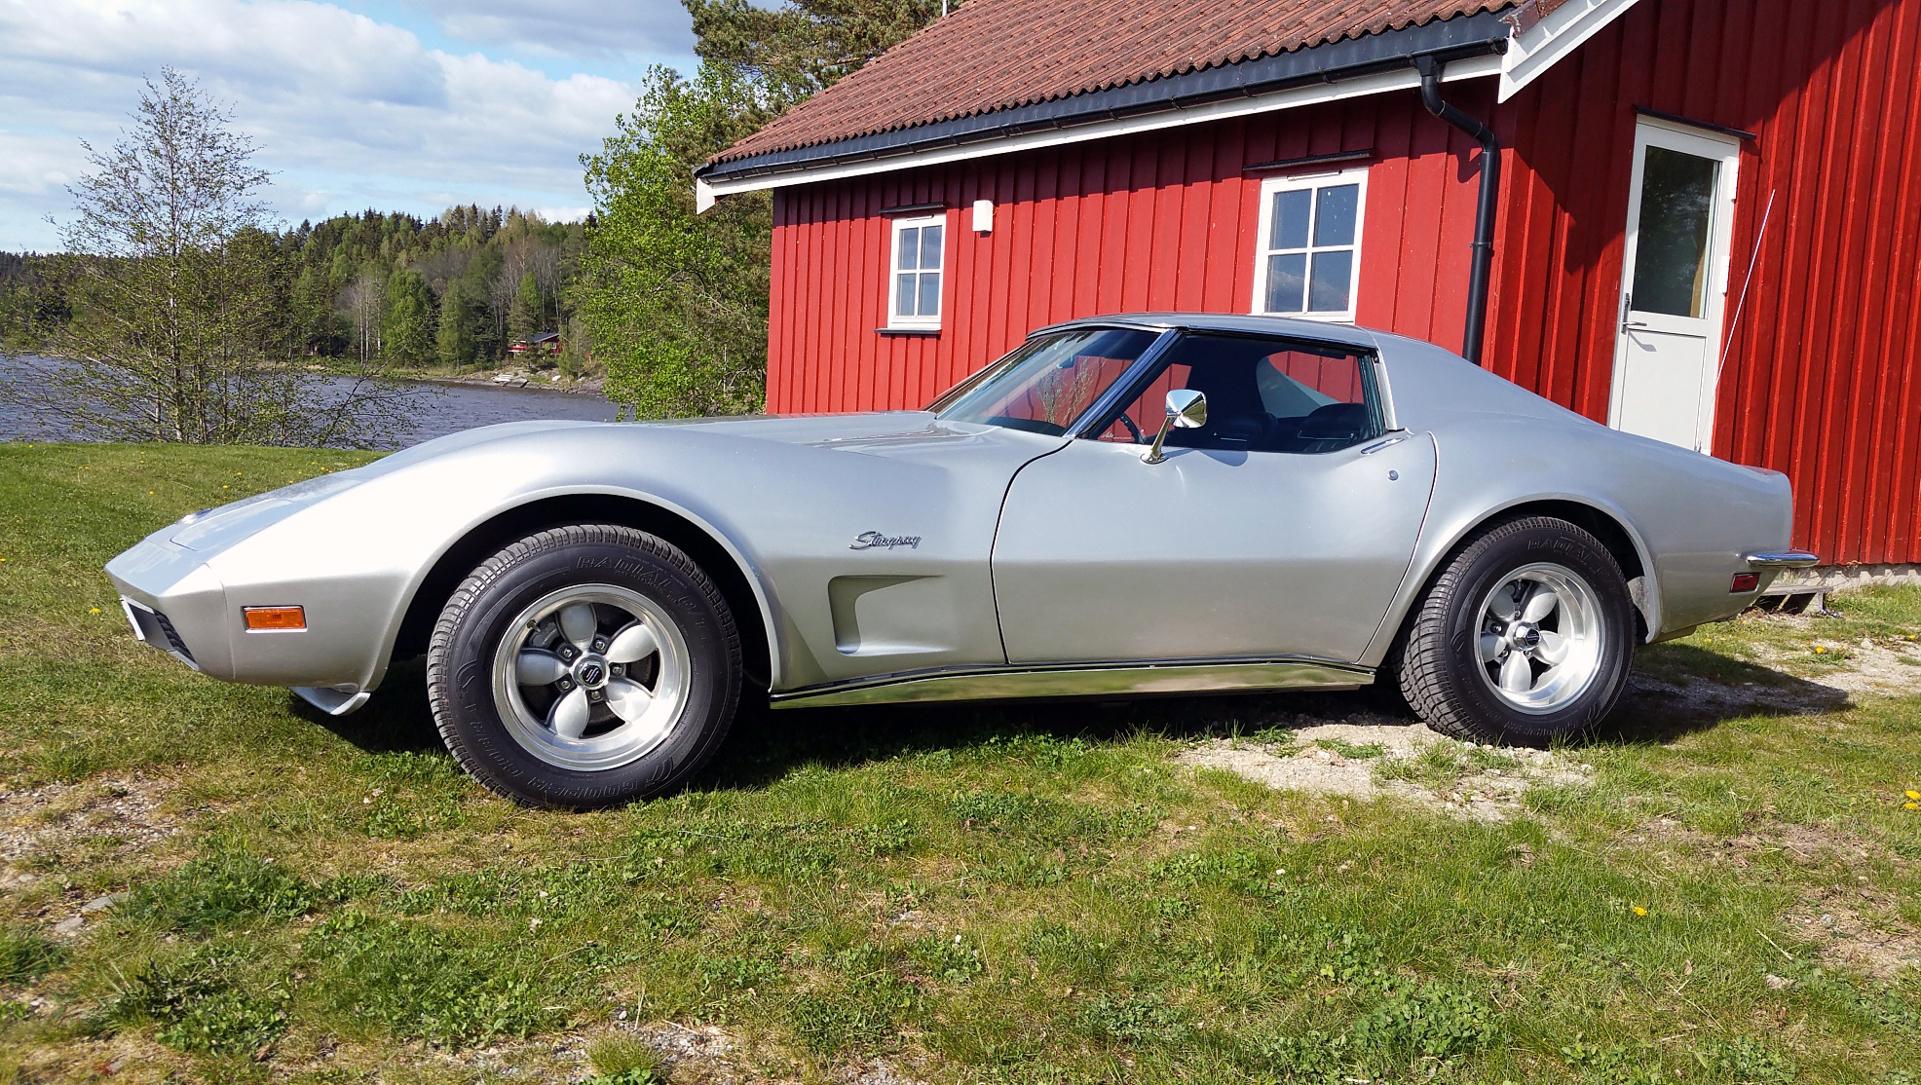 001-1973 Chevrolet Corvette Stingray 01, Eier, med